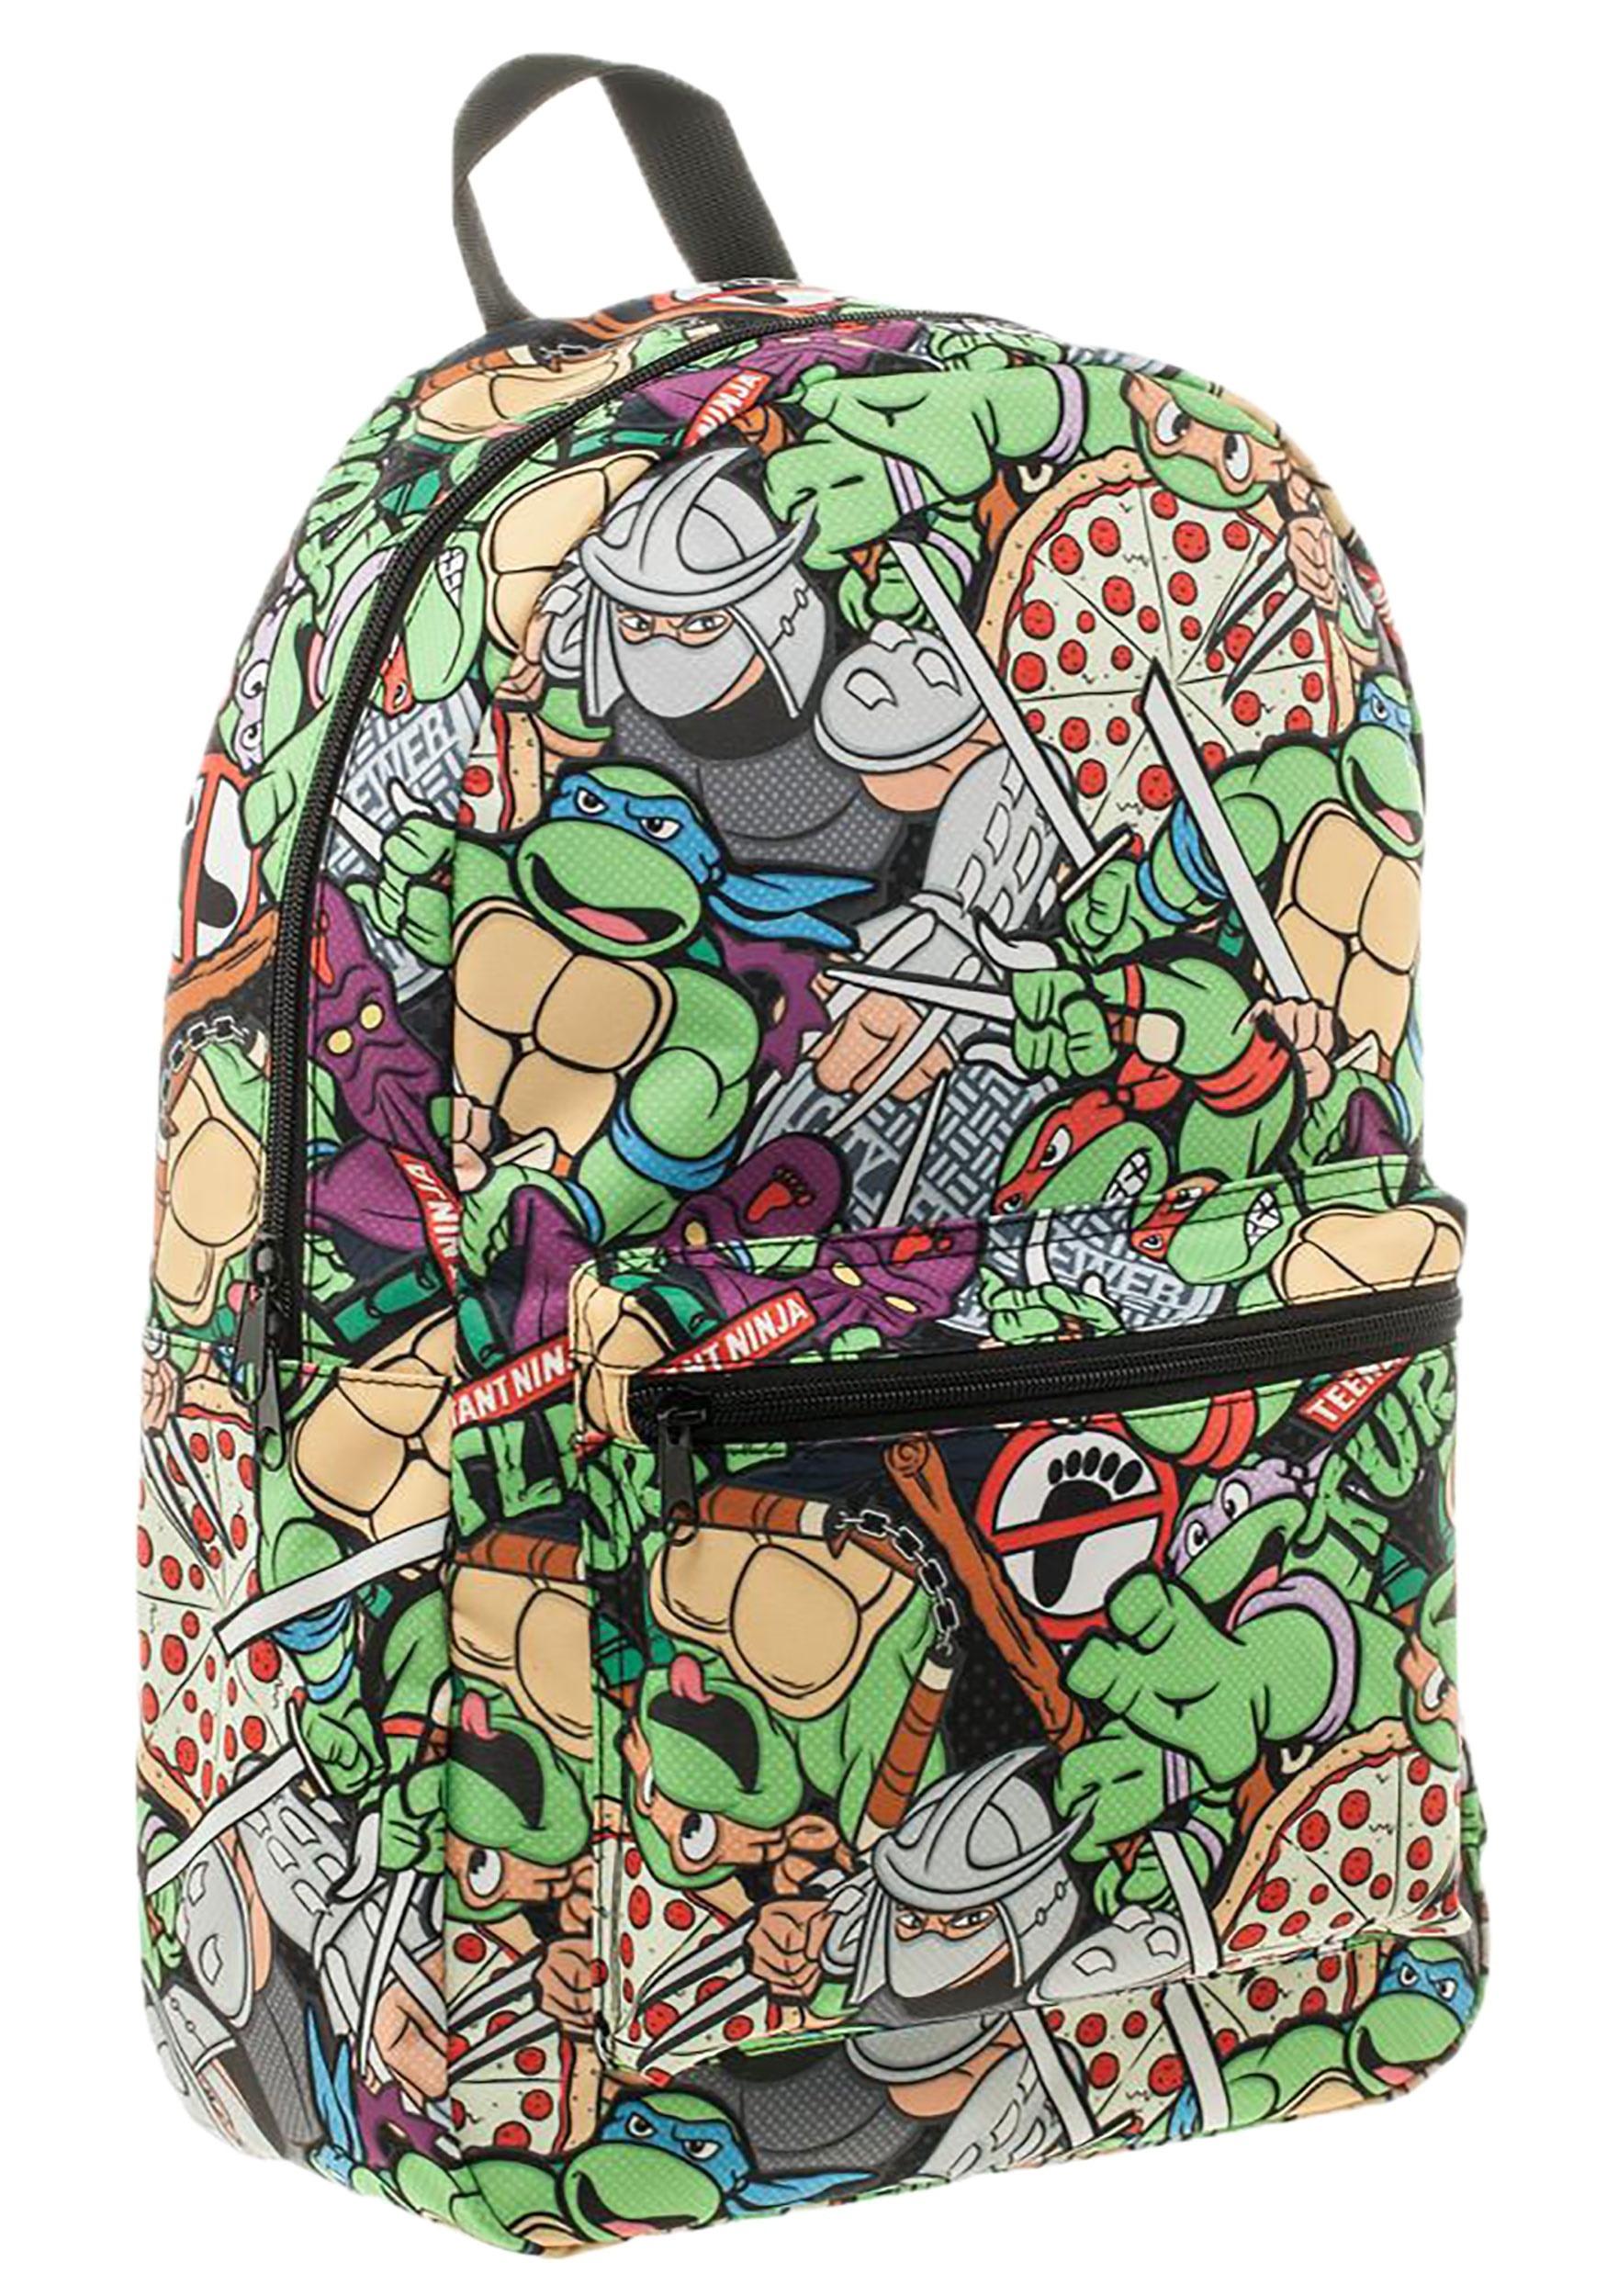 Teenage Mutant Ninja Turtles Cartoon Backpack